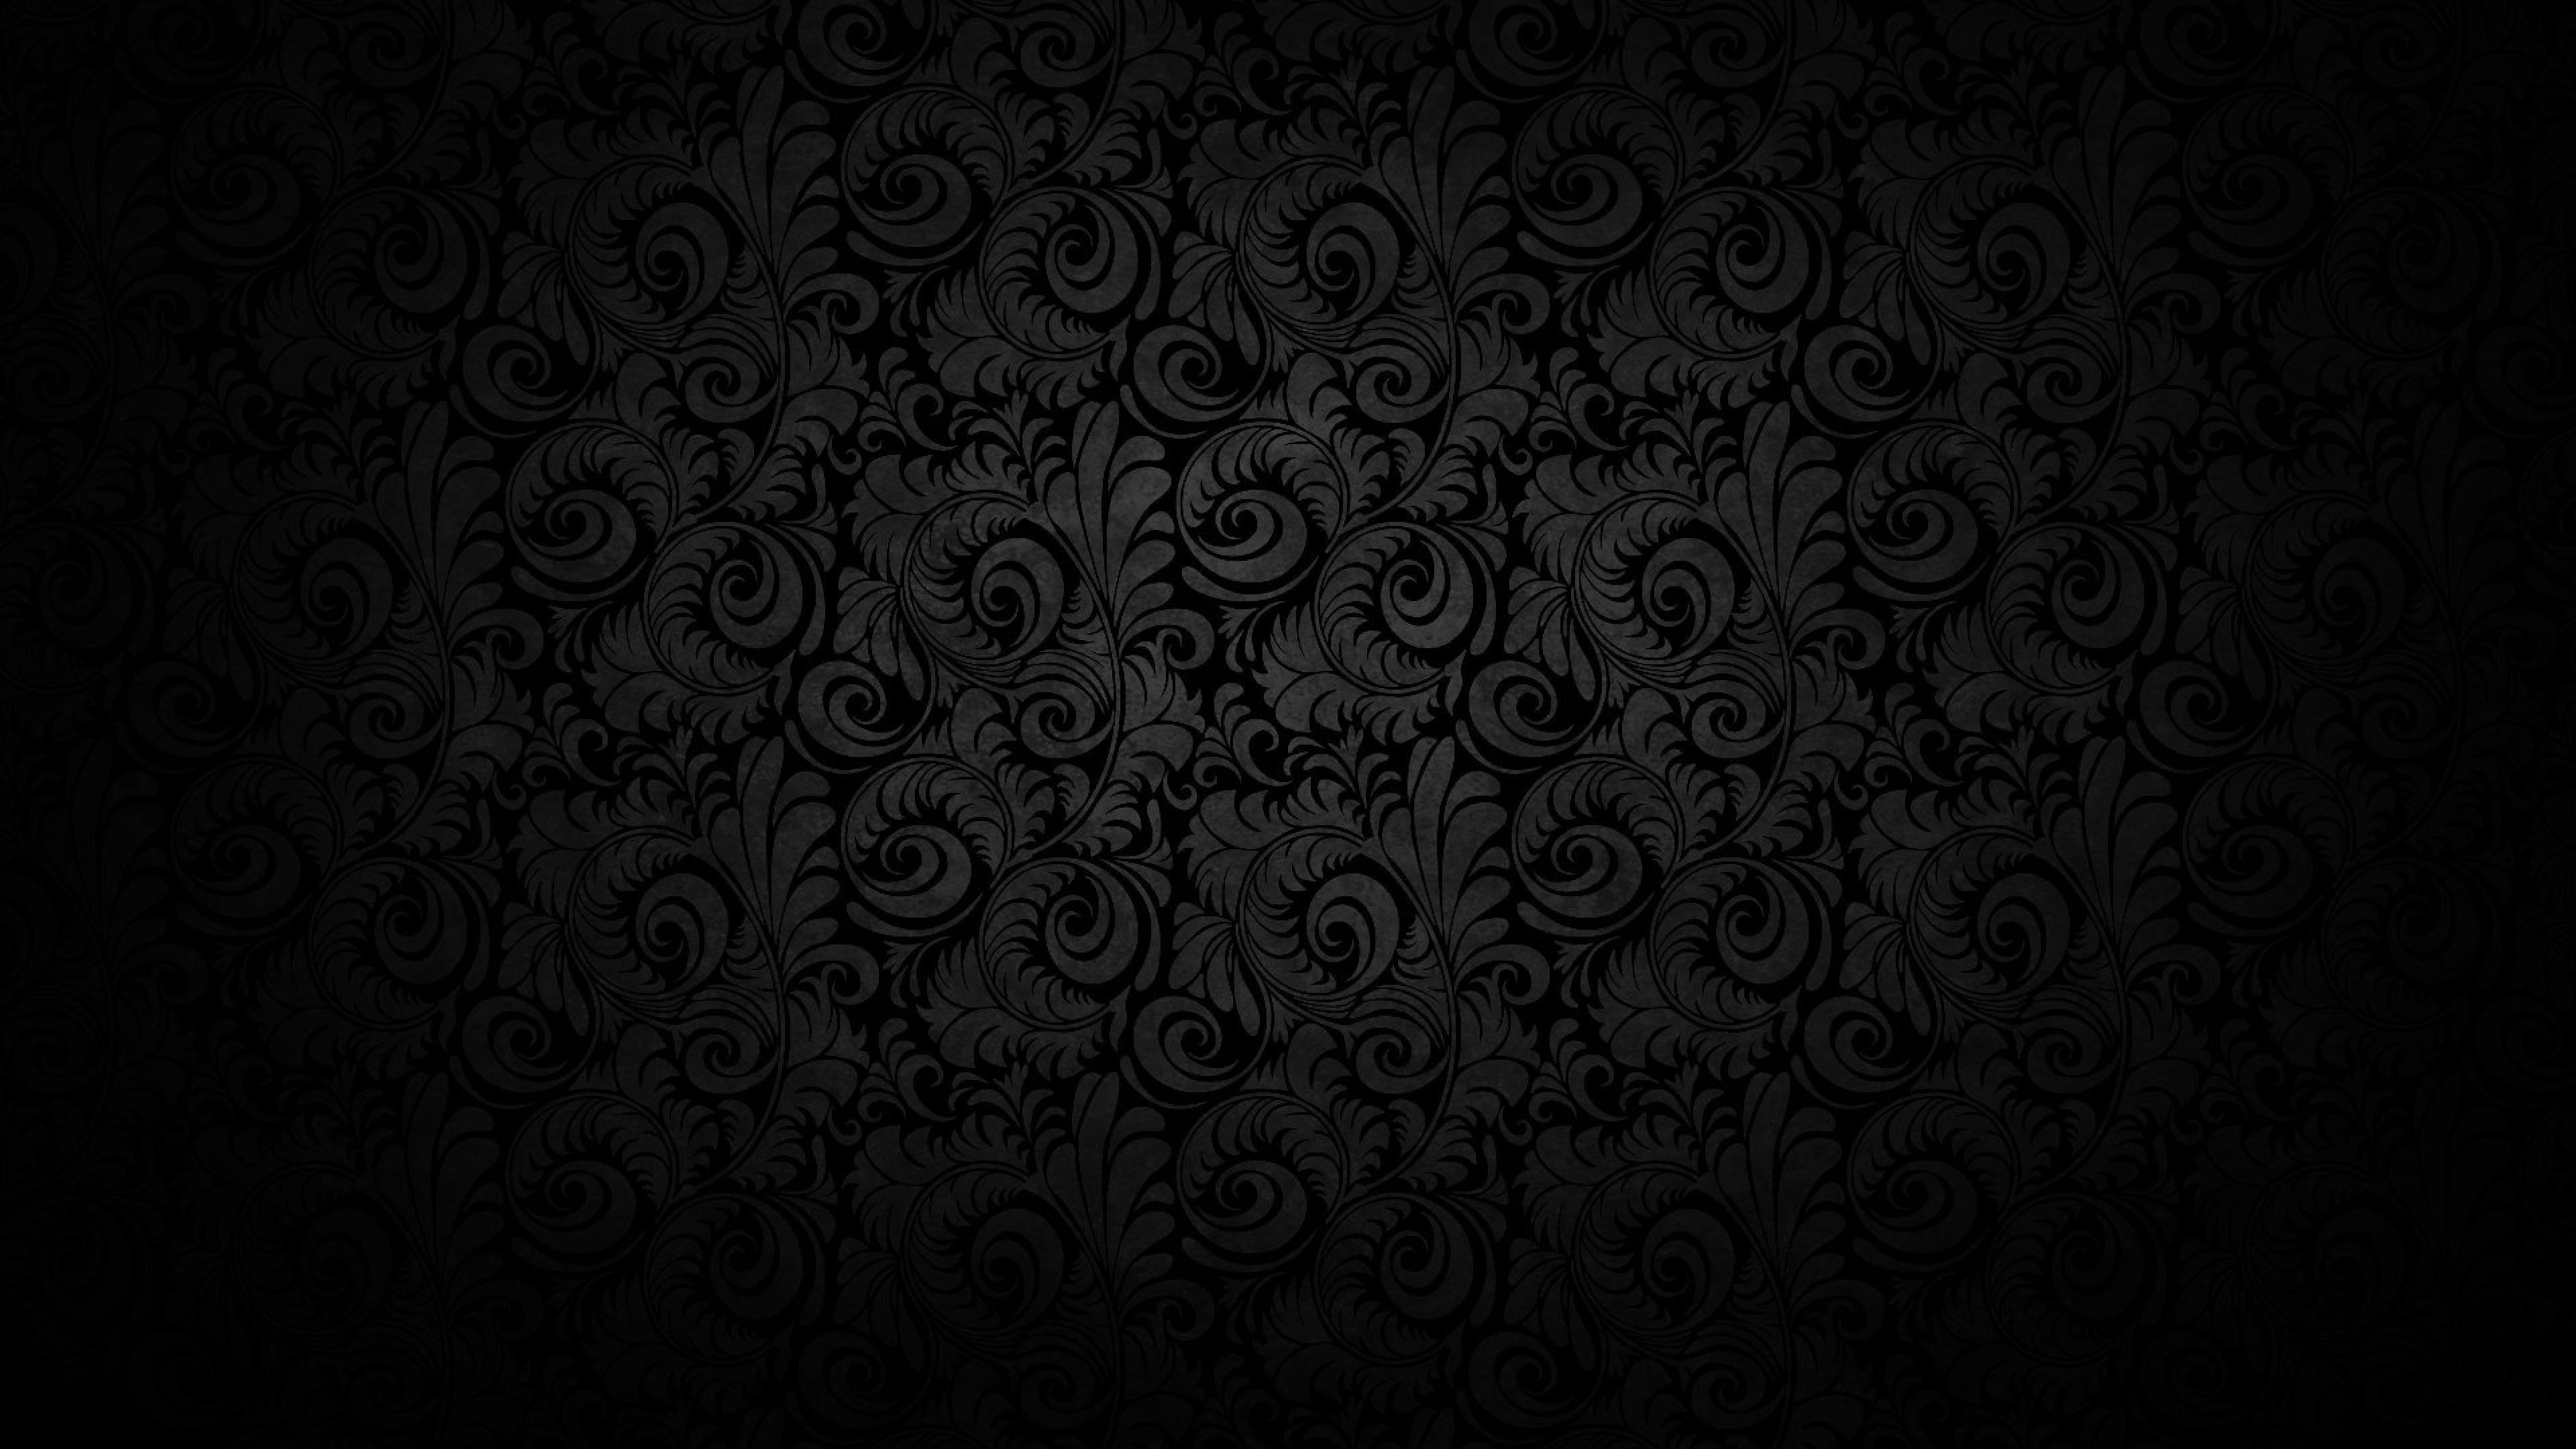 4k Dark Desktop Wallpapers Top Free 4k Dark Desktop Backgrounds Wallpaperaccess